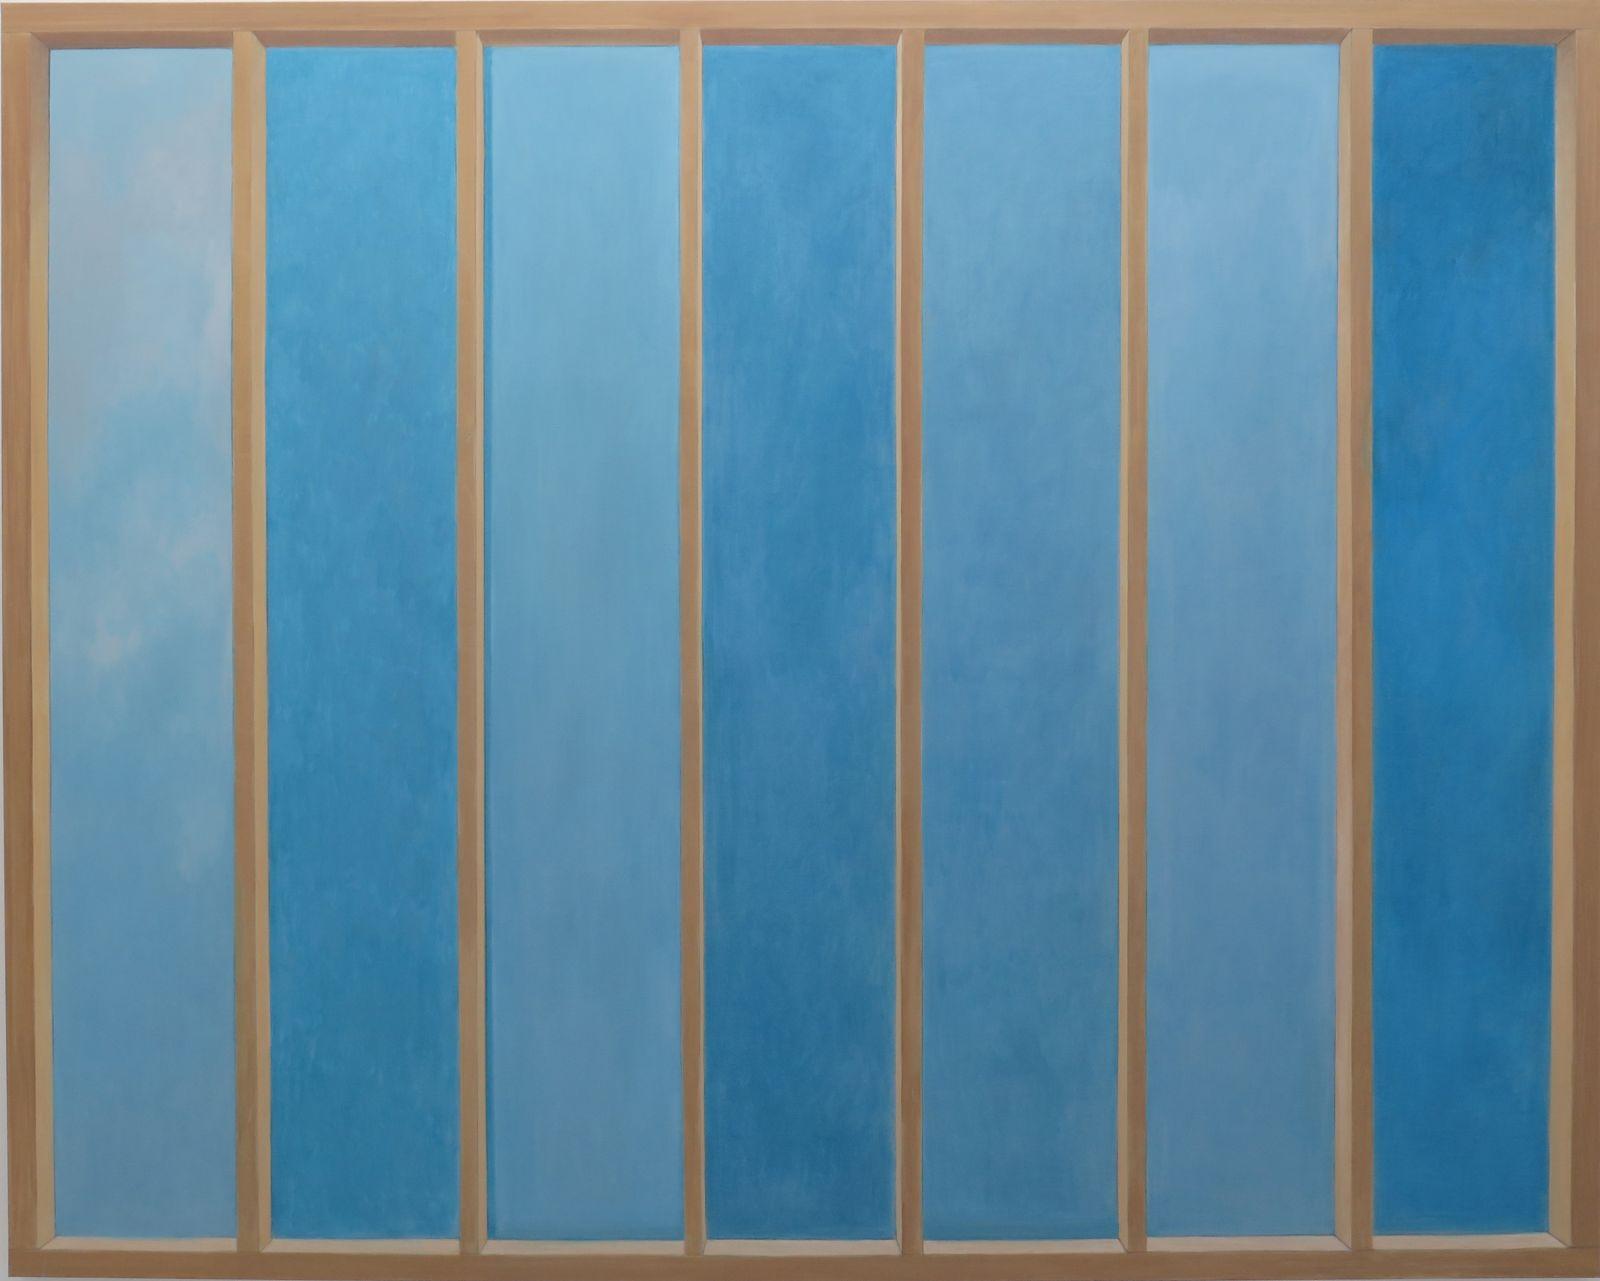 gilles-elie-grande-verriere-acrylique-sur-toile-de-lin-200x250-cm-019607f164a9d4d138ad43b8cdd957df